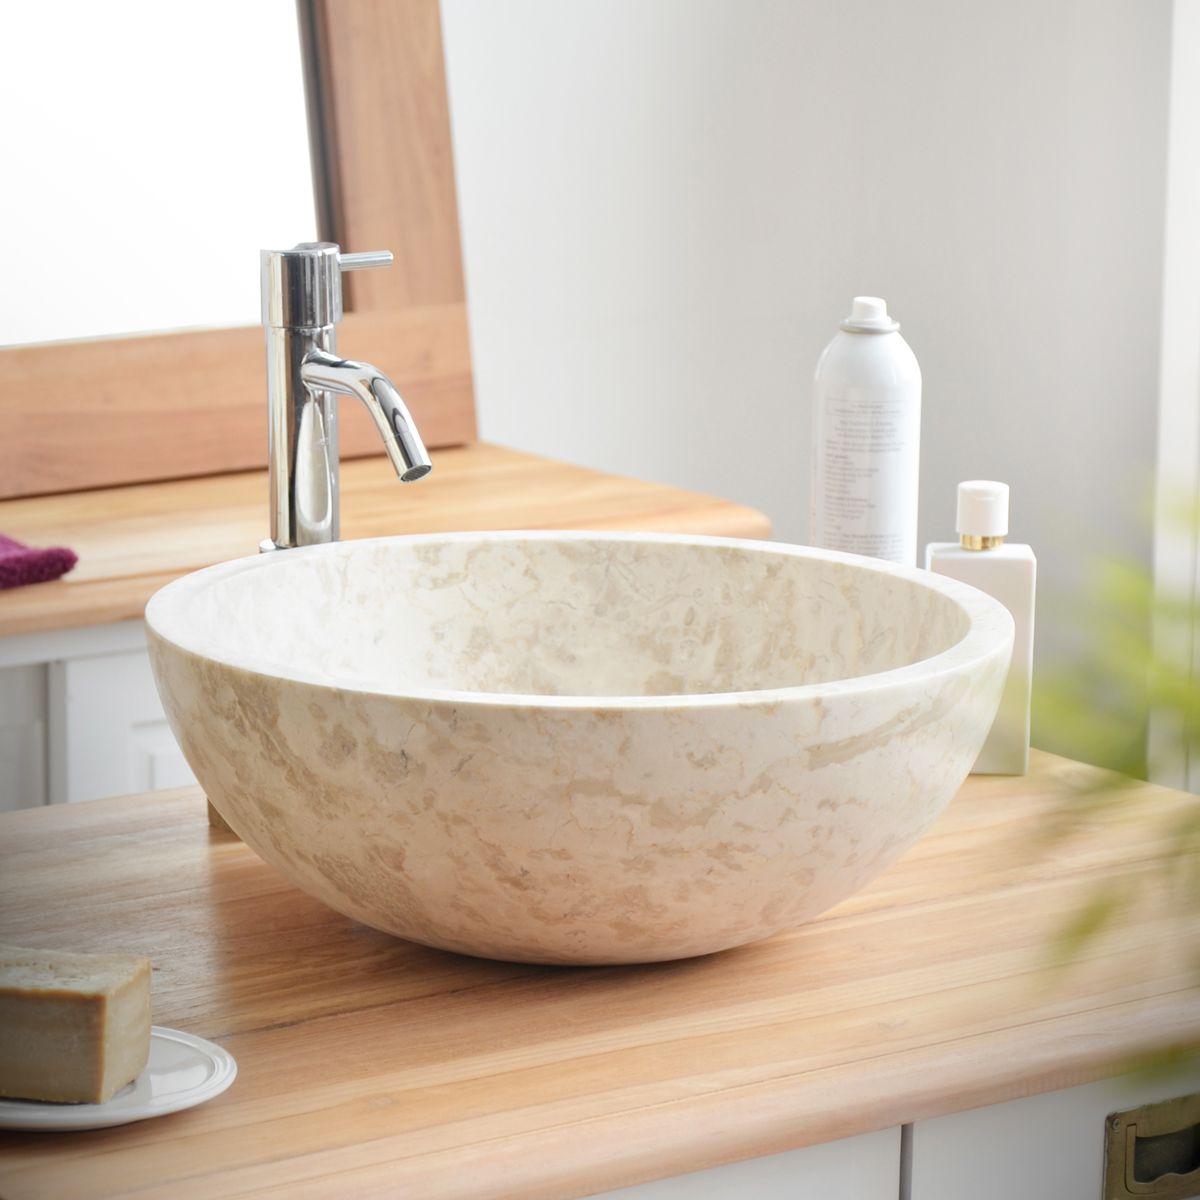 waschbecken aus marmor ibyza cream bad pinterest waschbecken marmor und g ste wc. Black Bedroom Furniture Sets. Home Design Ideas